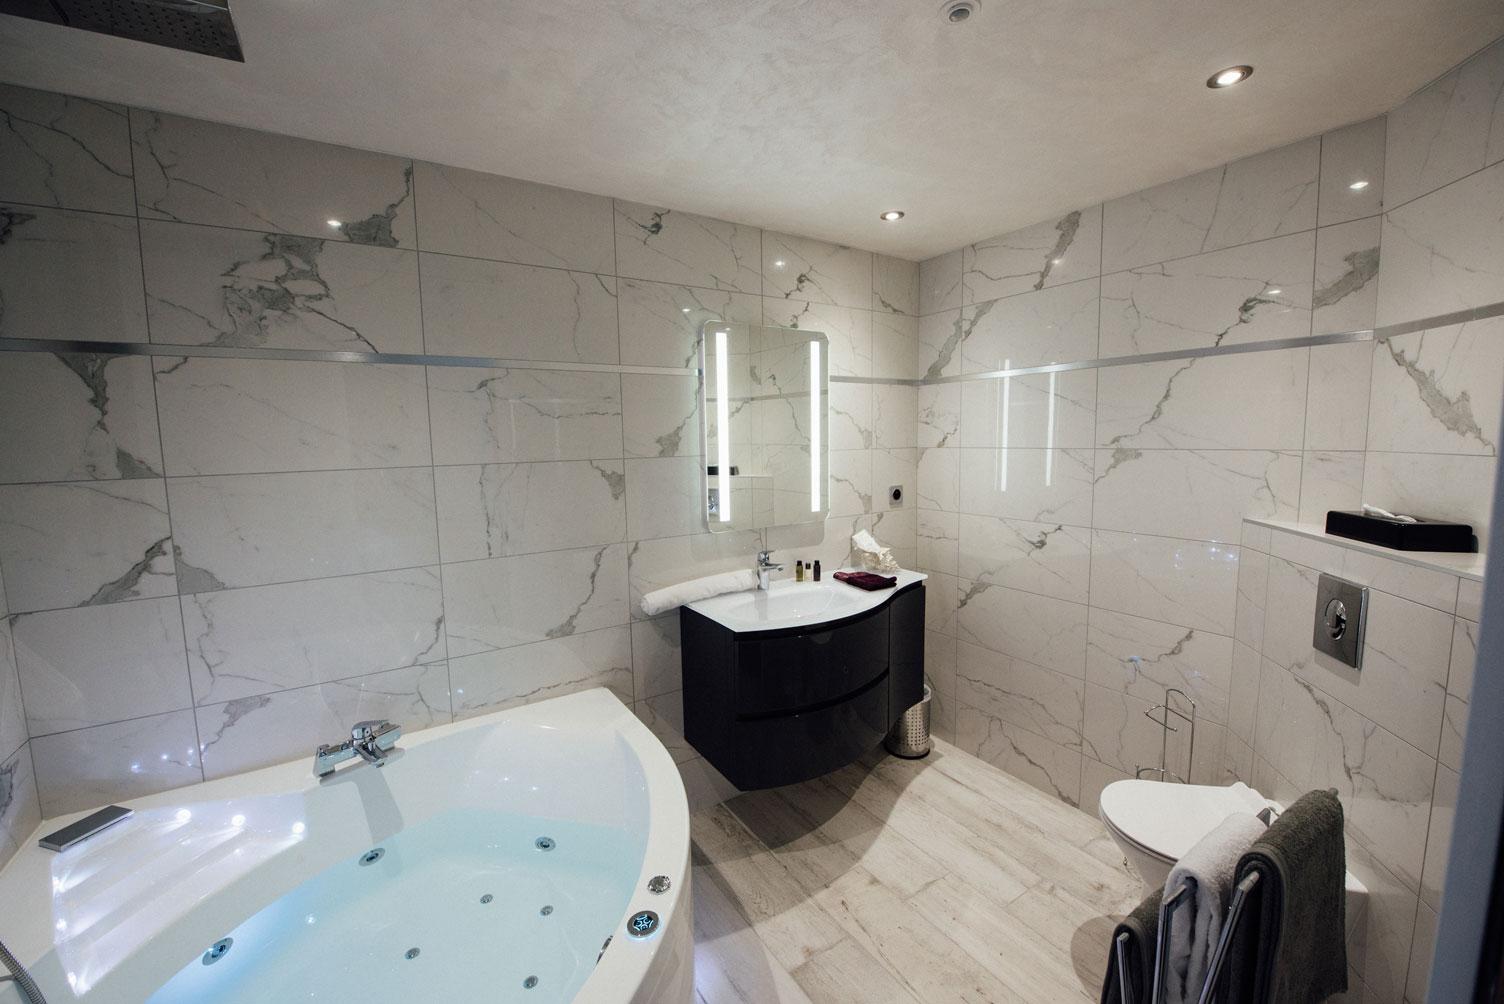 Suite Balnéo salle de bain balnéothérapie baignoire douche lavabo toilettes miroir | Amirauté Hôtel La Baule